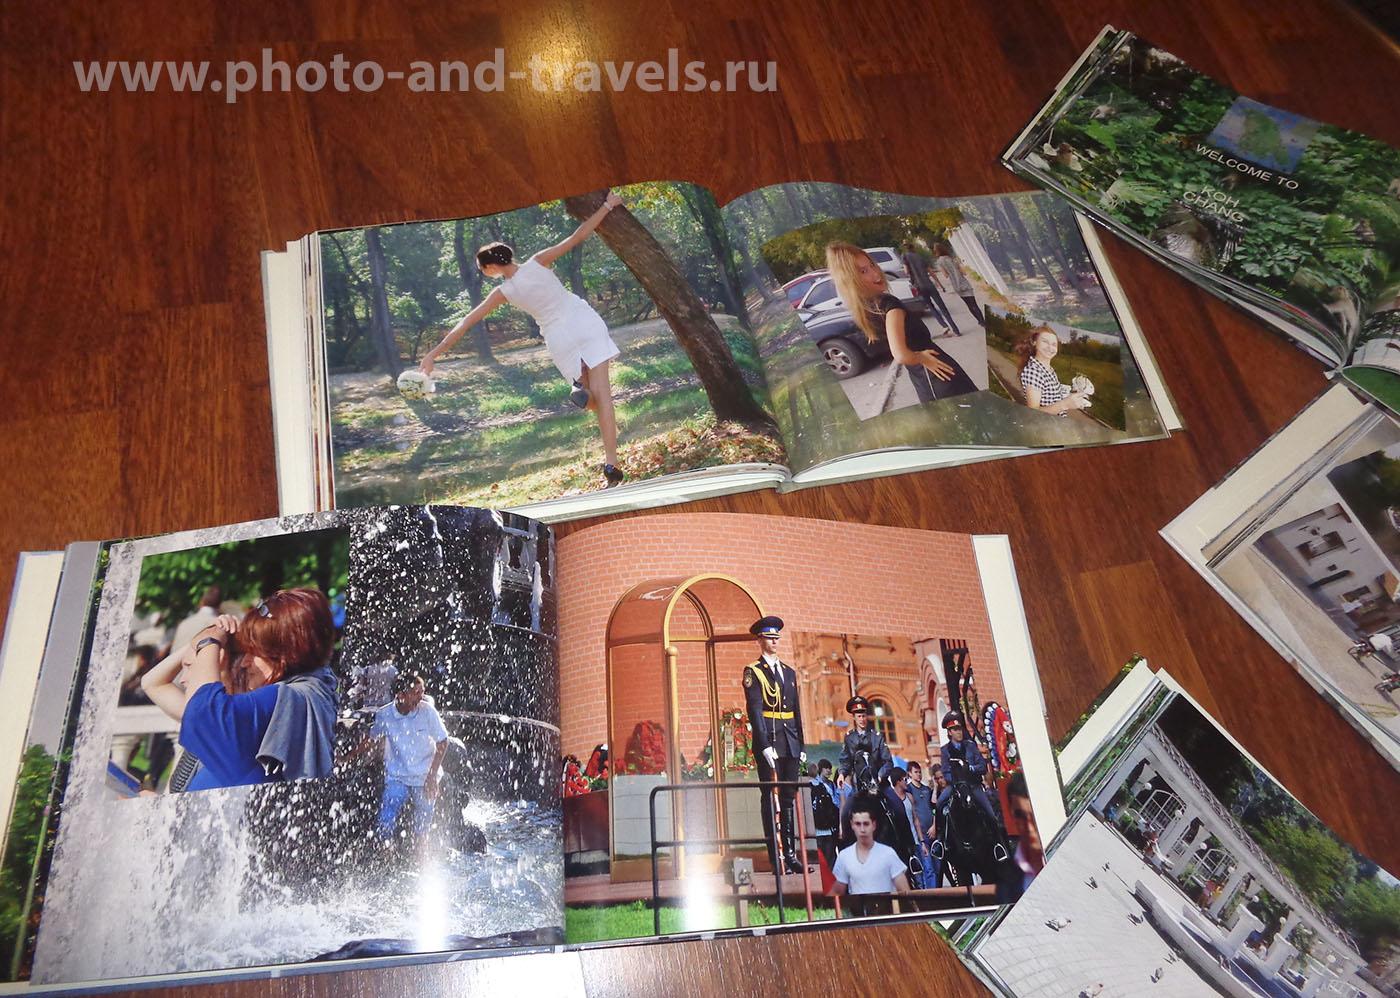 4. Создание фотокниги – отличный способ красивого хранения воспоминаний о вашем путешествии